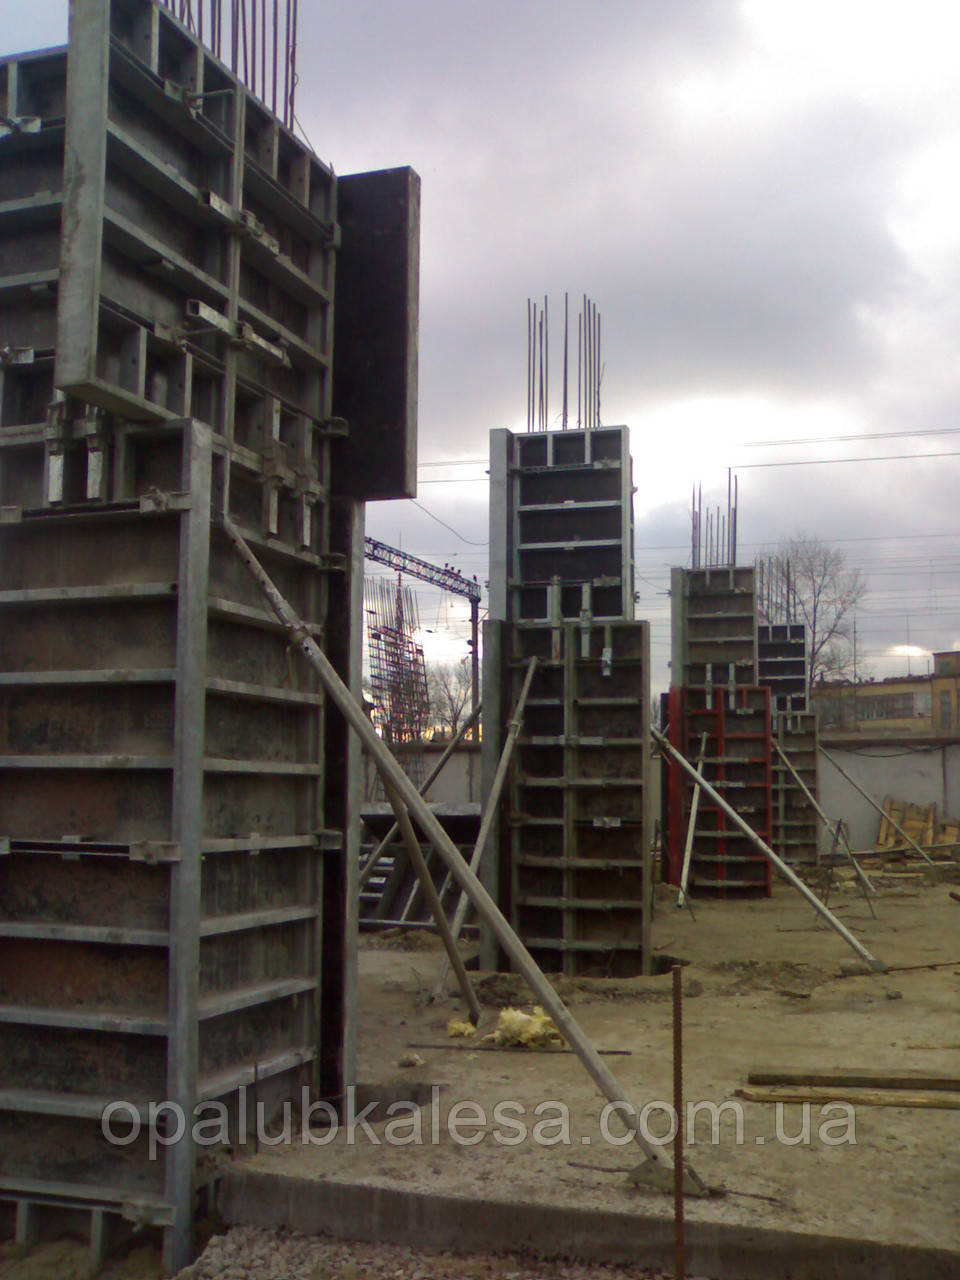 Щитова опалубка для монолітно-каркасного будівництва